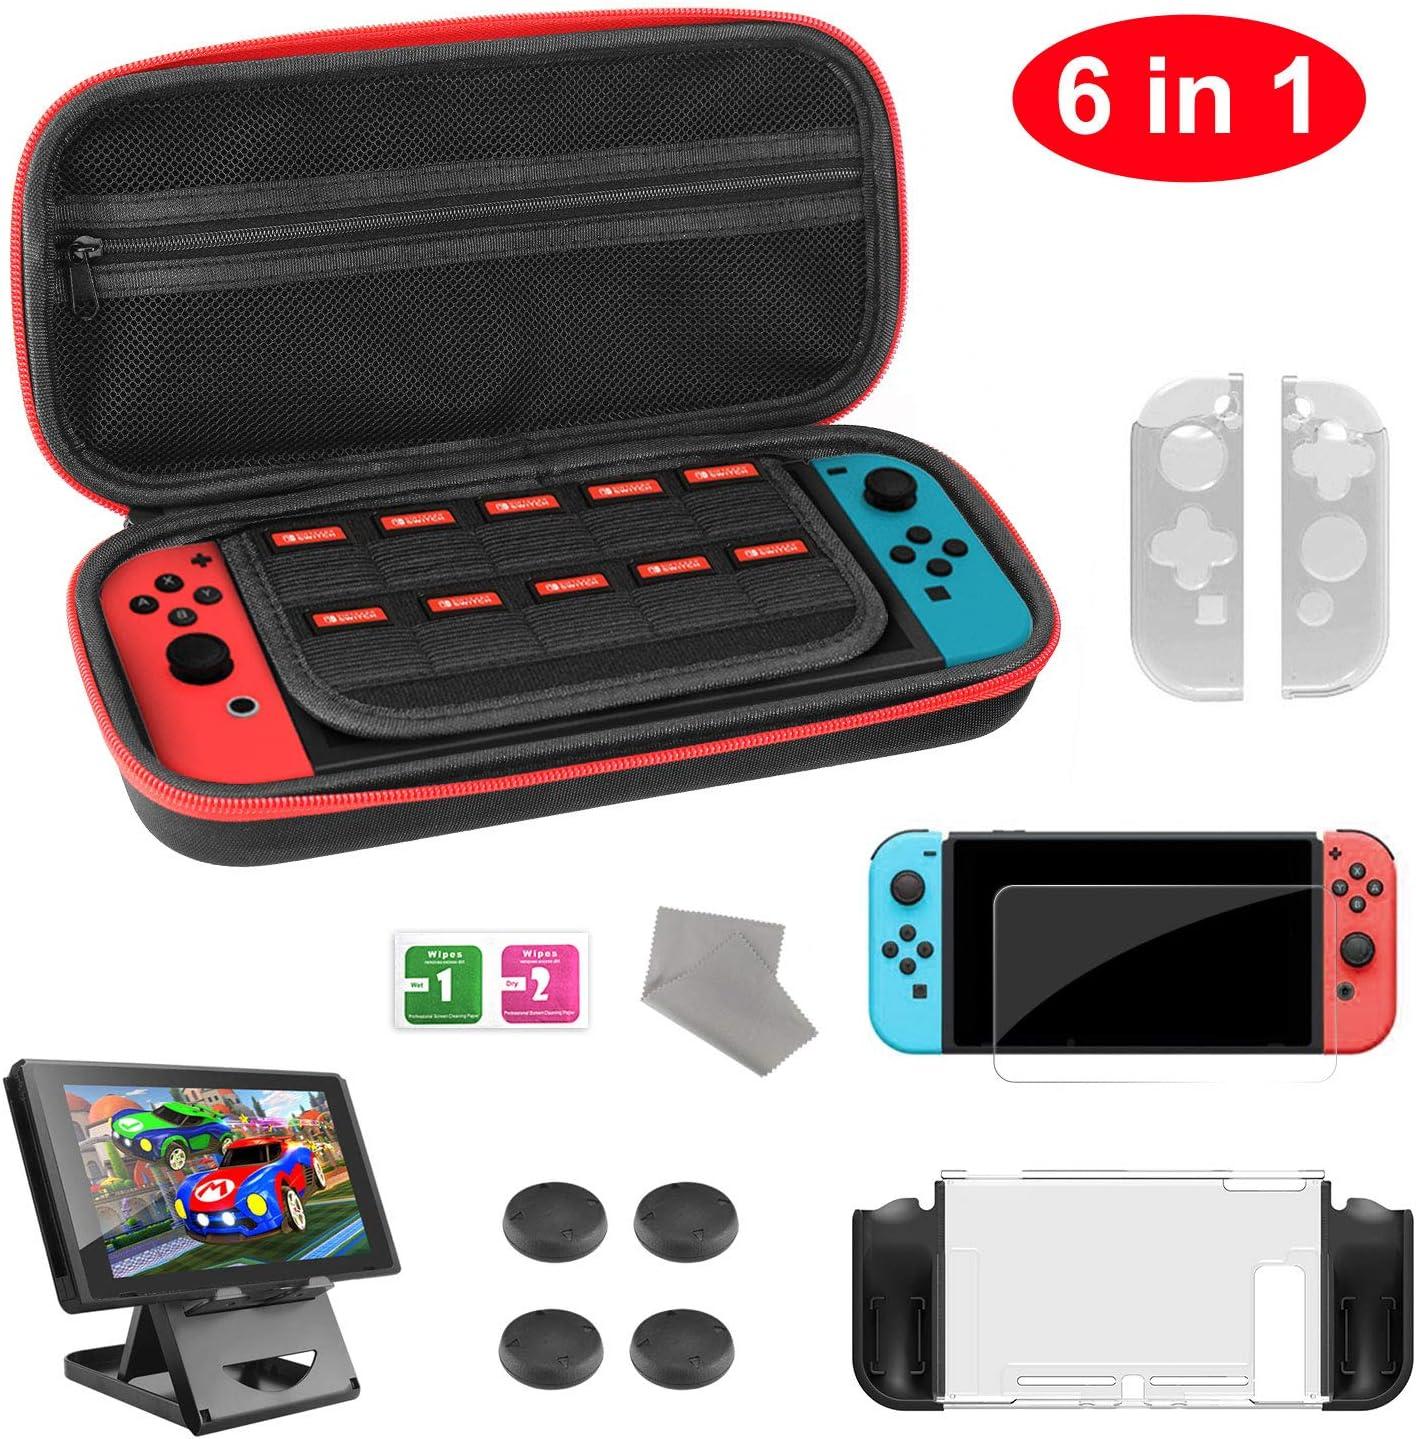 Molyhood - Kit de accesorios para Nintendo Switch con protector de pantalla de vidrio templado, carcasa protectora de TPU Joy-Con para Nintendo Switch, soporte plegable, y más: Amazon.es: Videojuegos